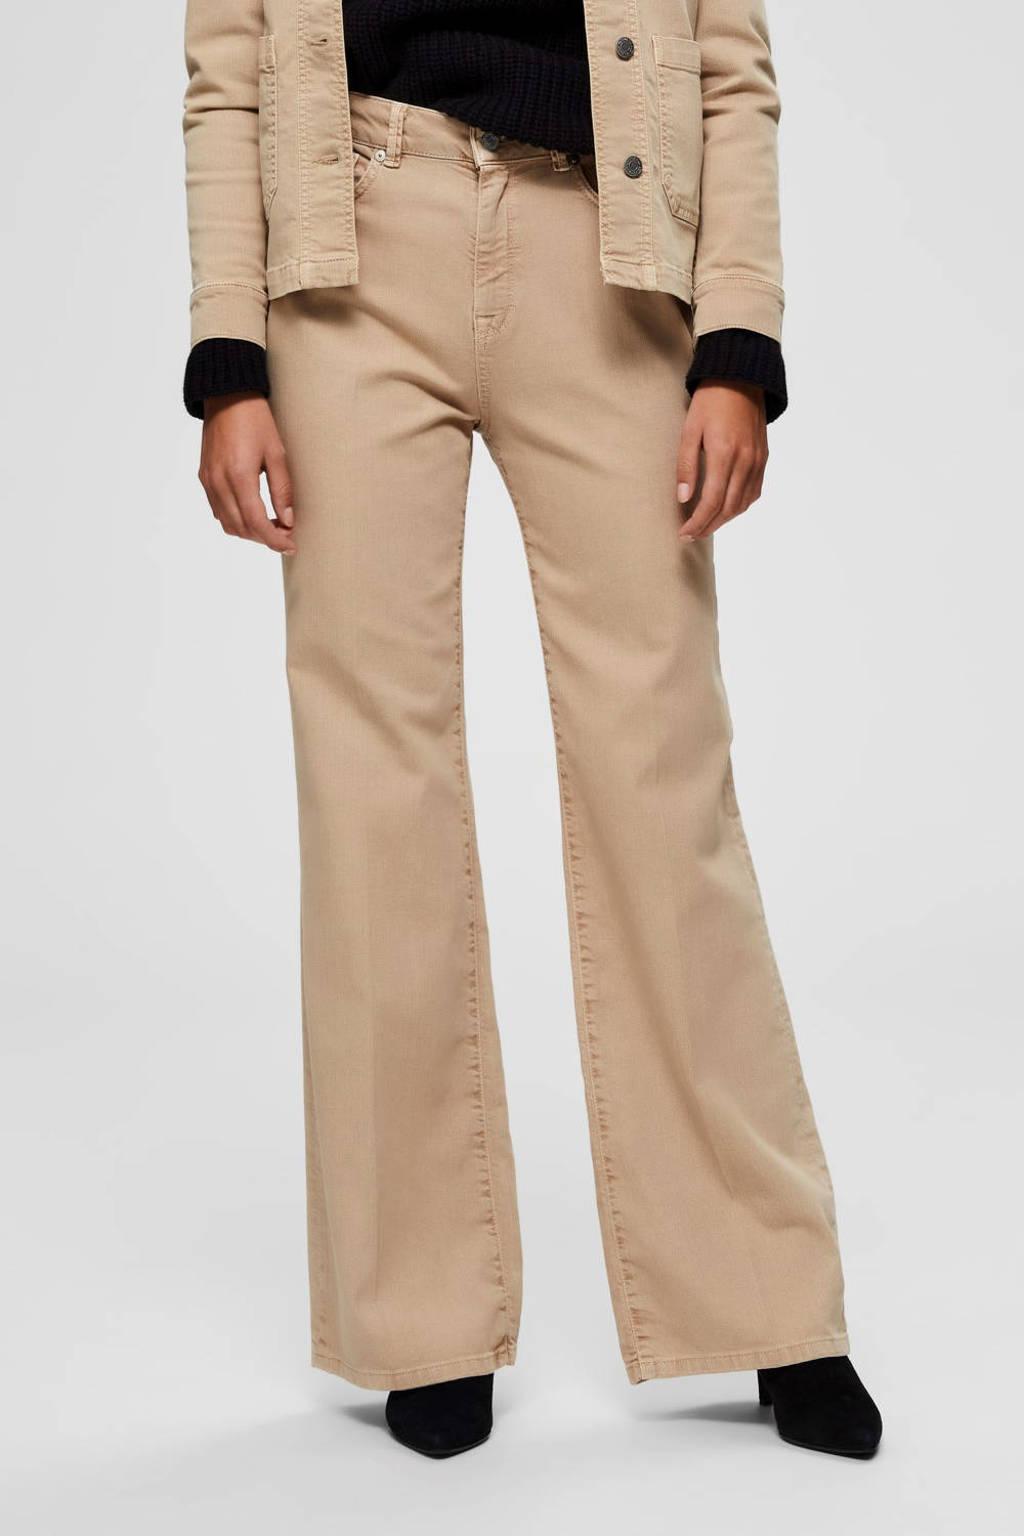 SELECTED FEMME flared jeans camel, Camel